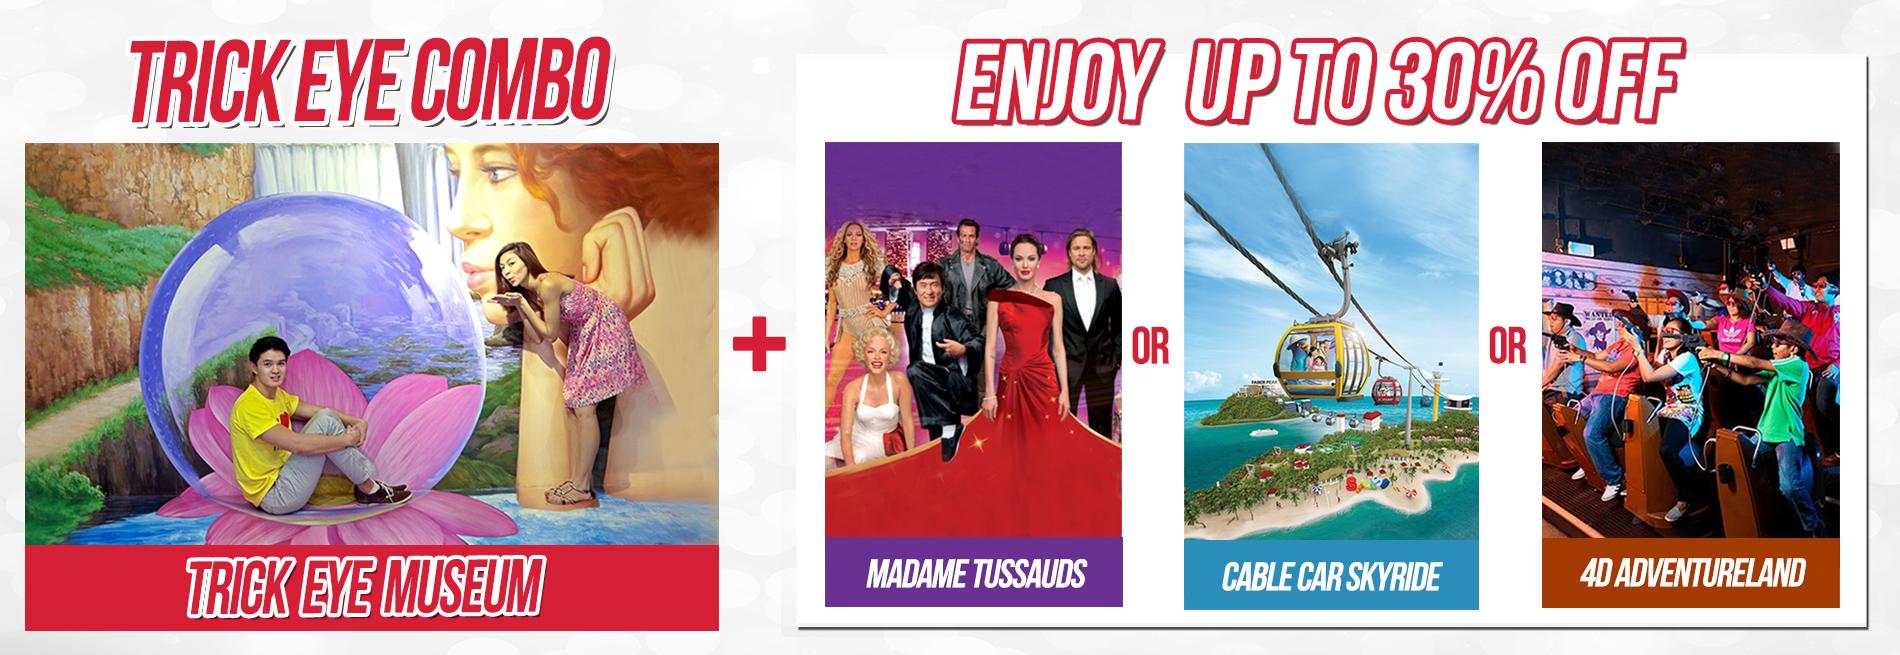 Trickeye Museum Tiket Madame Tussauds Singapore 1